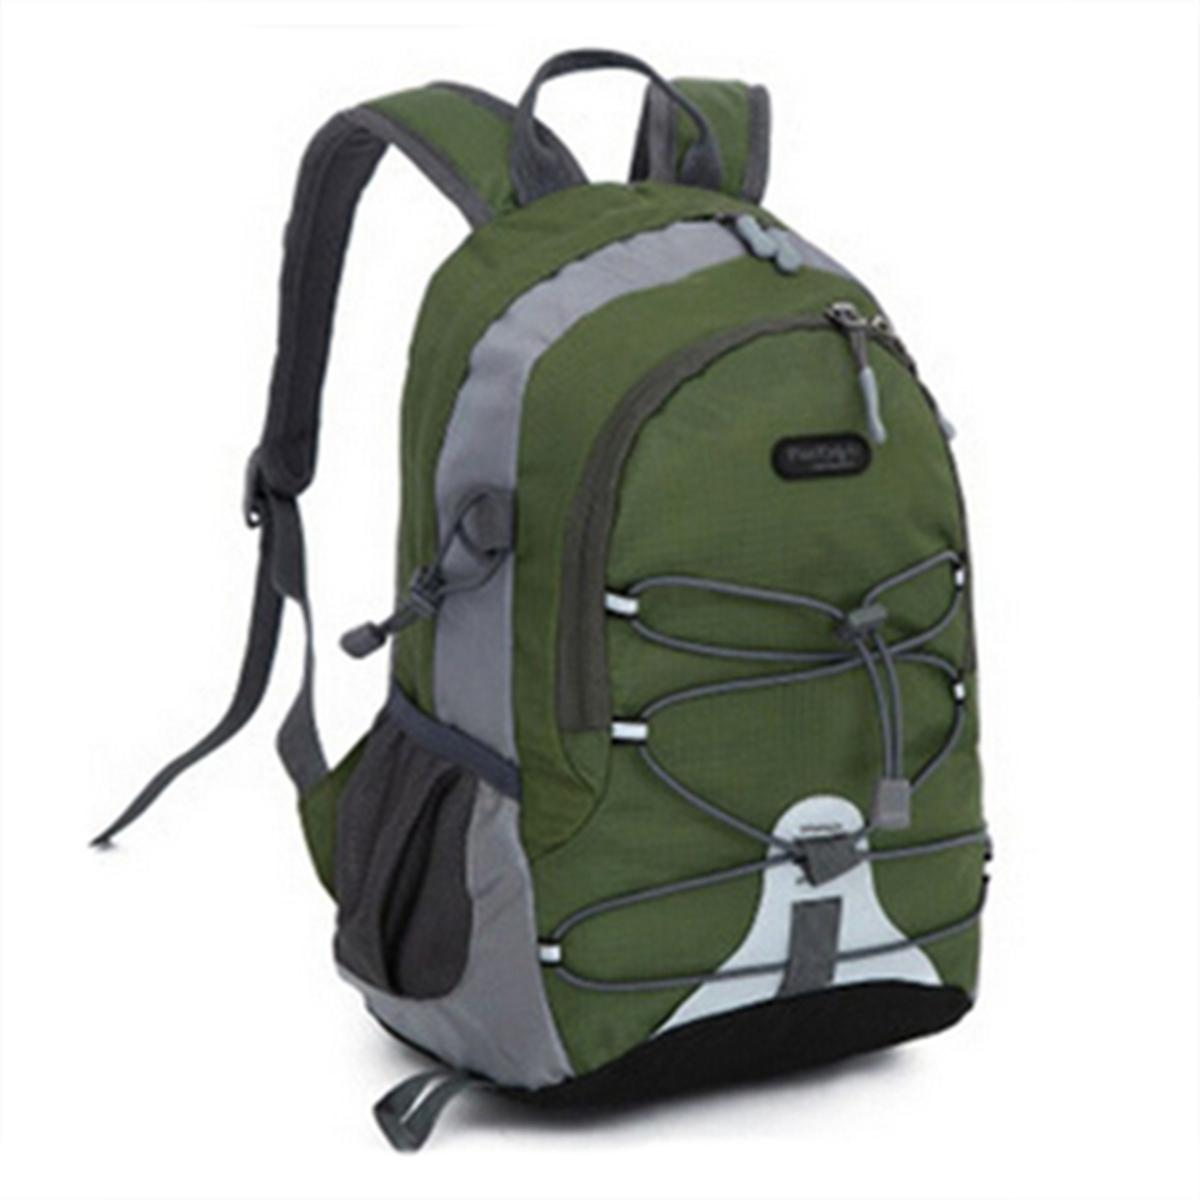 Best Travelling Backpack Australia